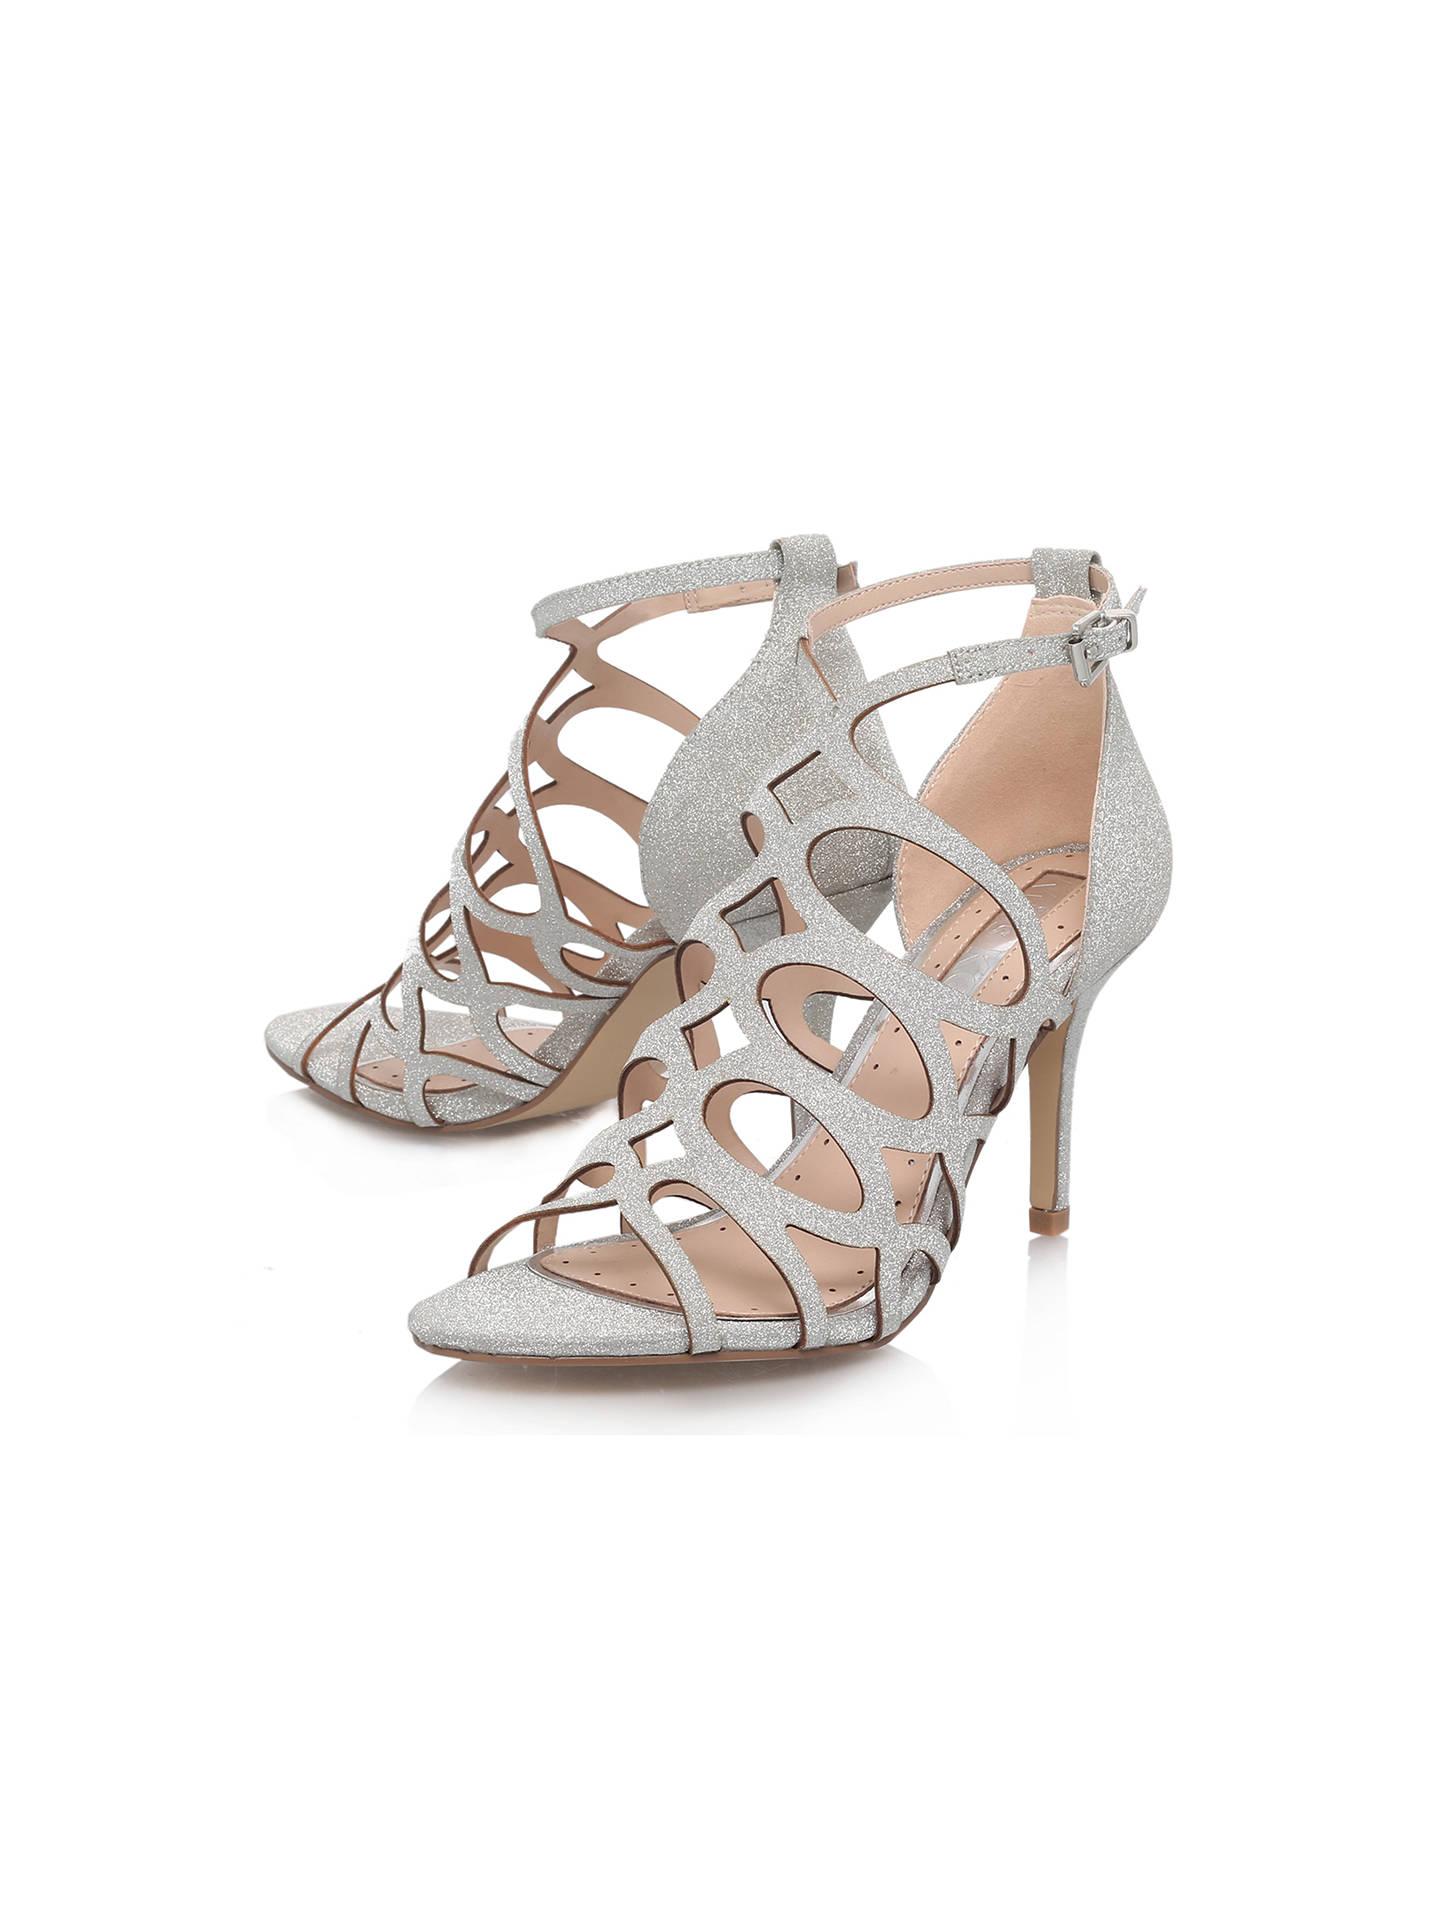 d60c84f4af4 ... BuyMiss KG Glide Occasion Stiletto Sandals